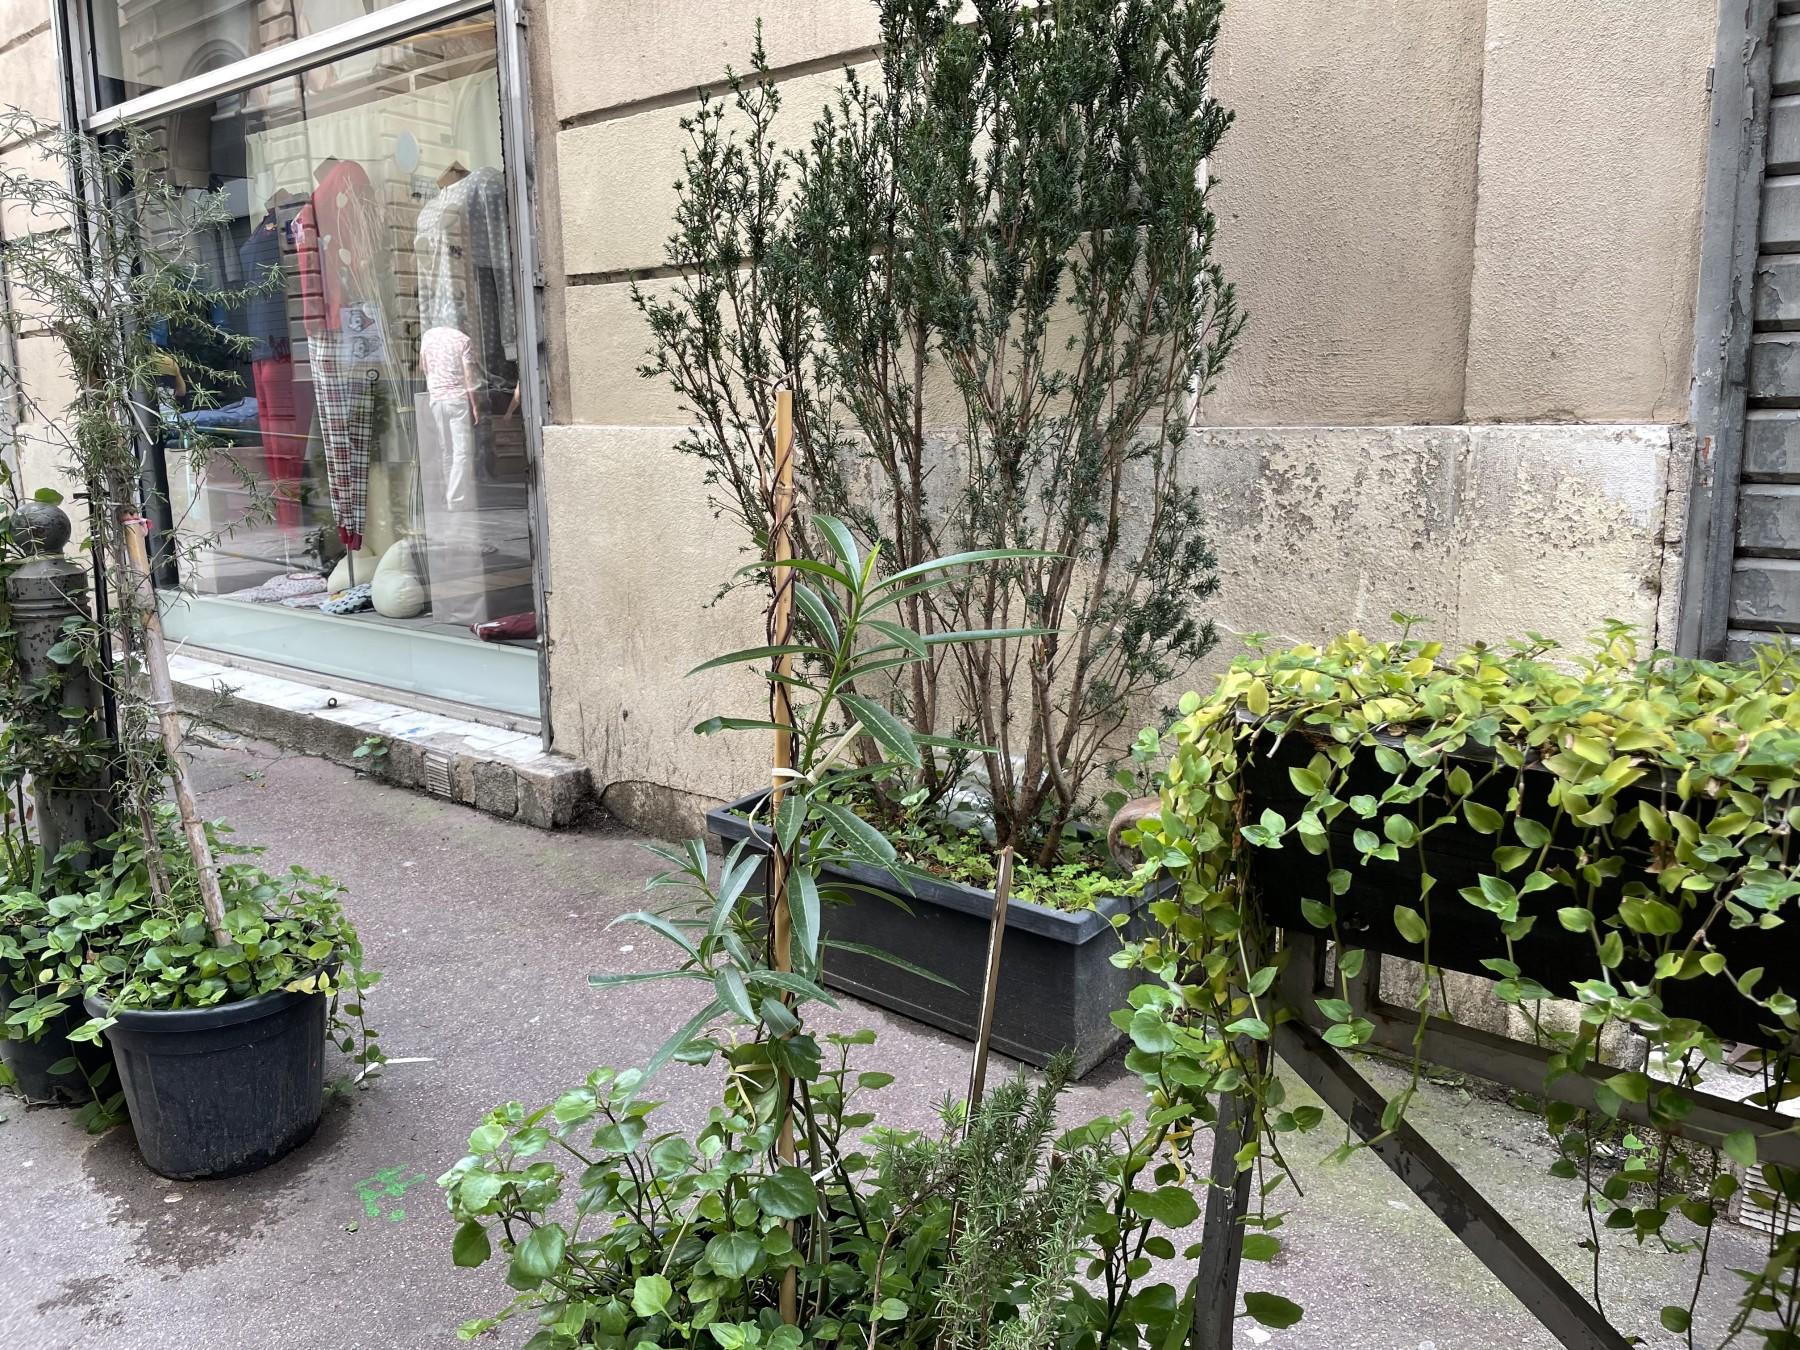 La rue Thubaneau verdoie grâce aux bénevoles. ©MD